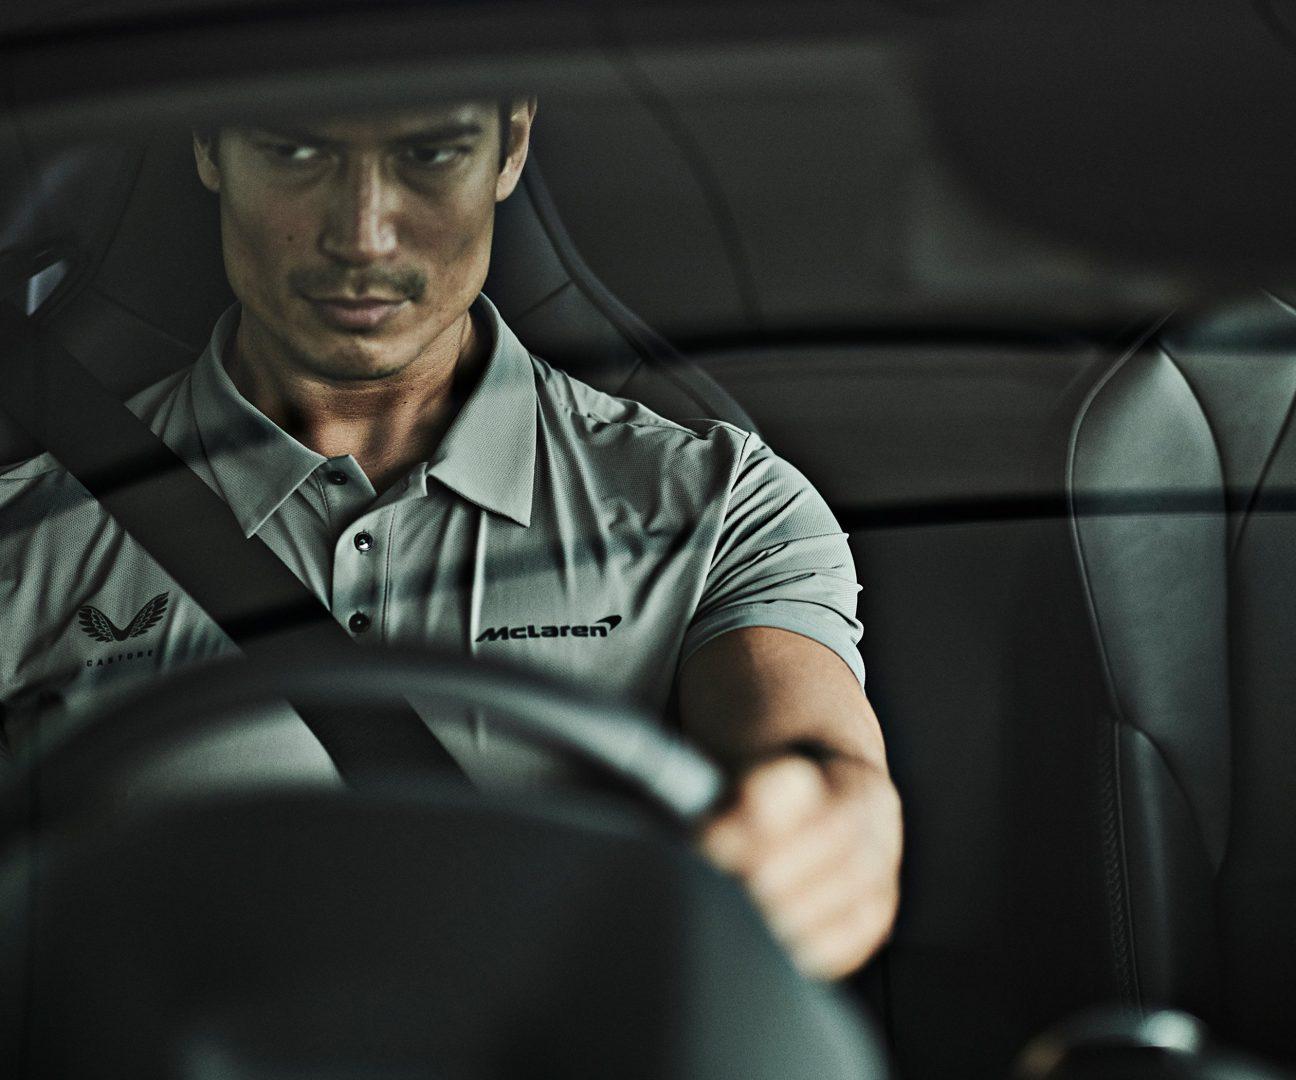 driving-mclaren-castore